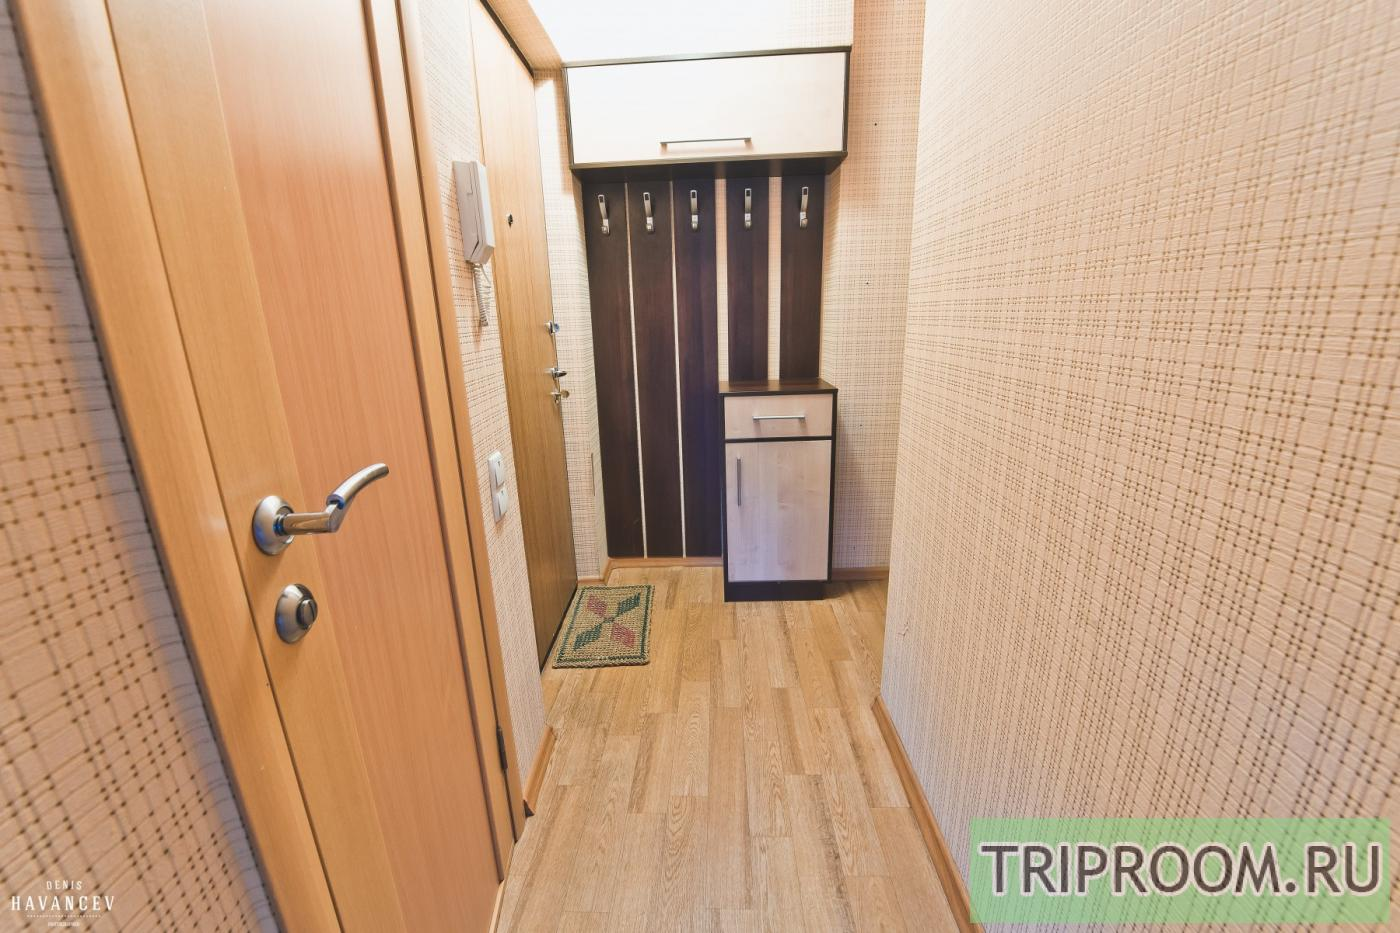 1-комнатная квартира посуточно (вариант № 14830), ул. Рахова улица, фото № 9